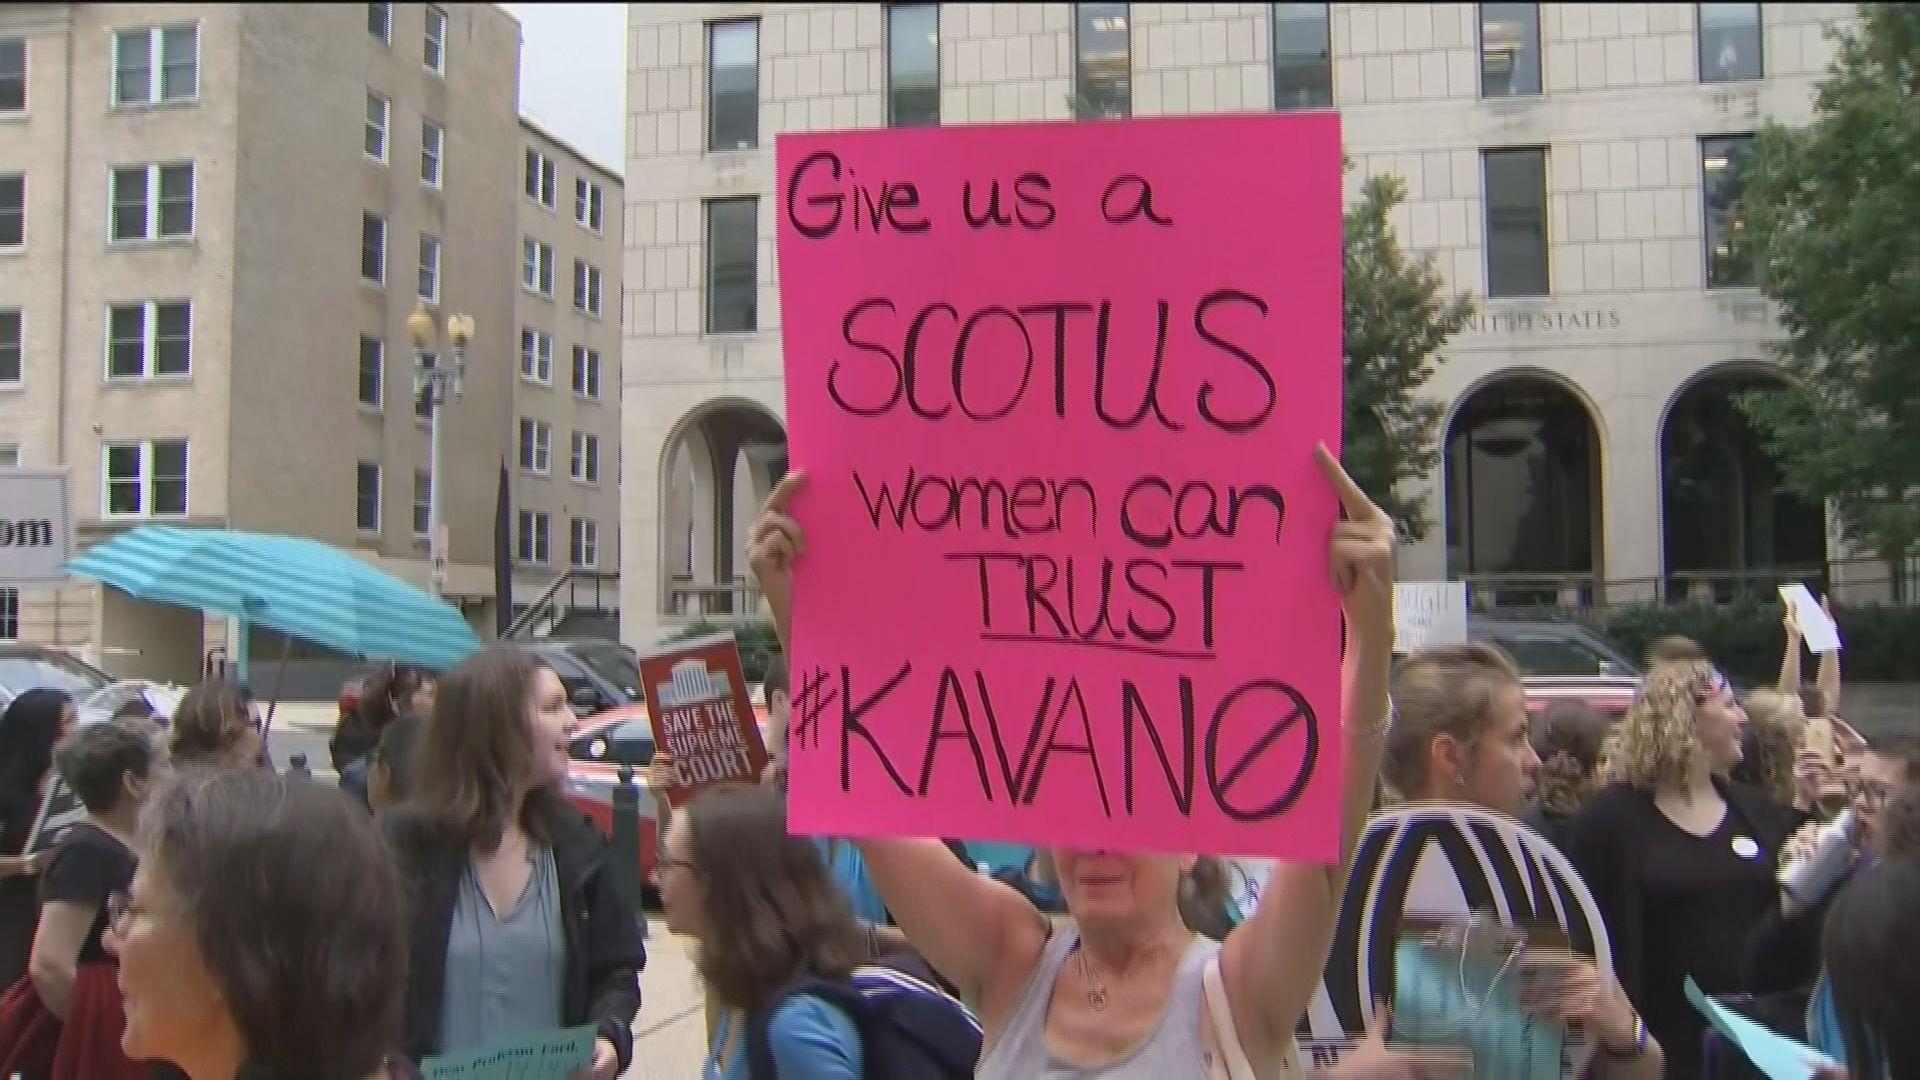 示威者要求撤銷卡瓦諾提名